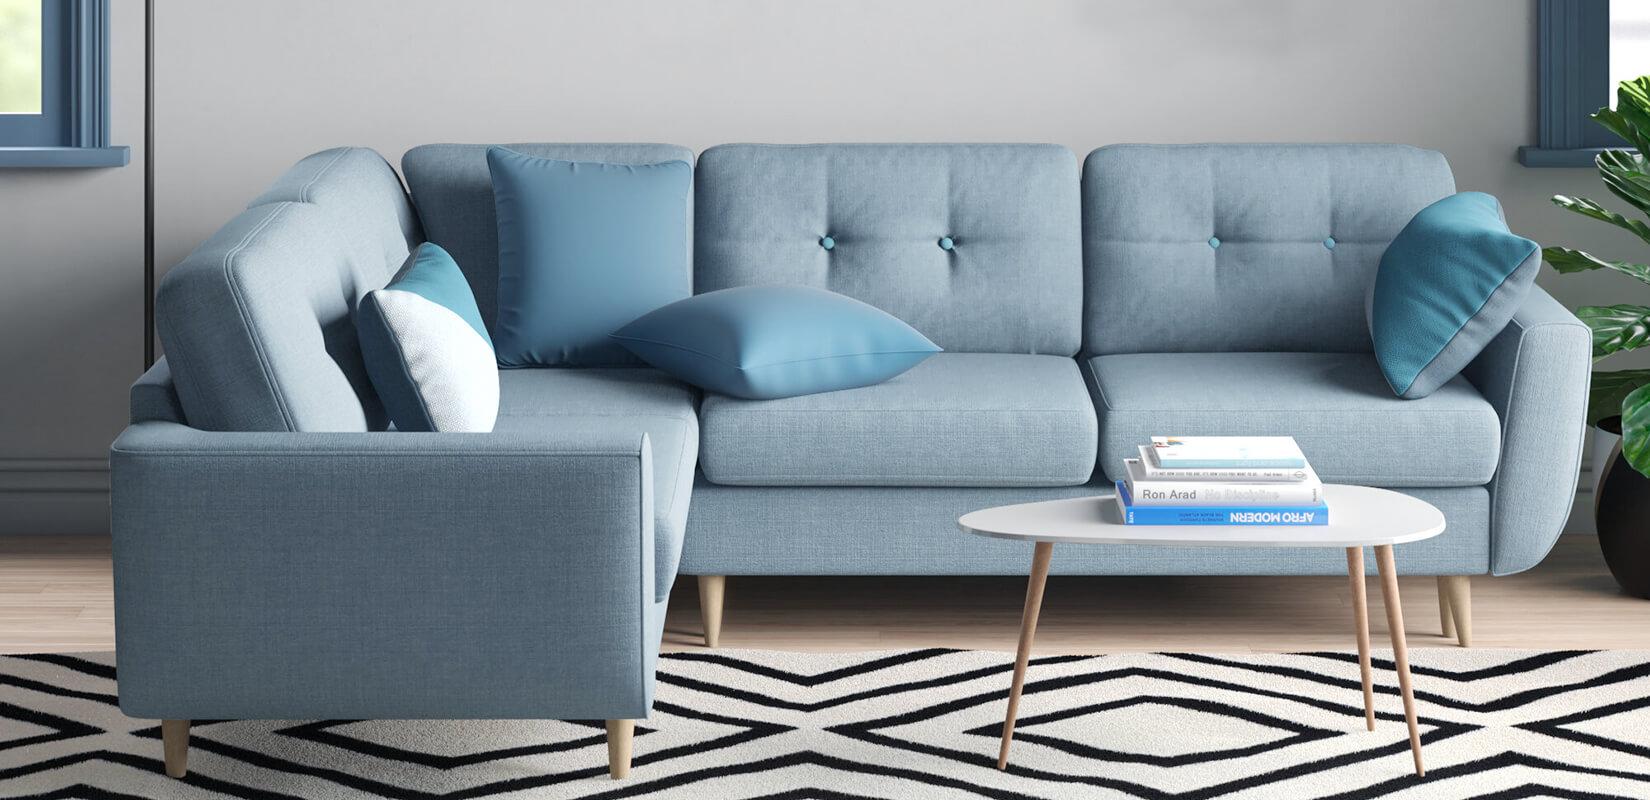 Sofa Hiện Đại Đẹp